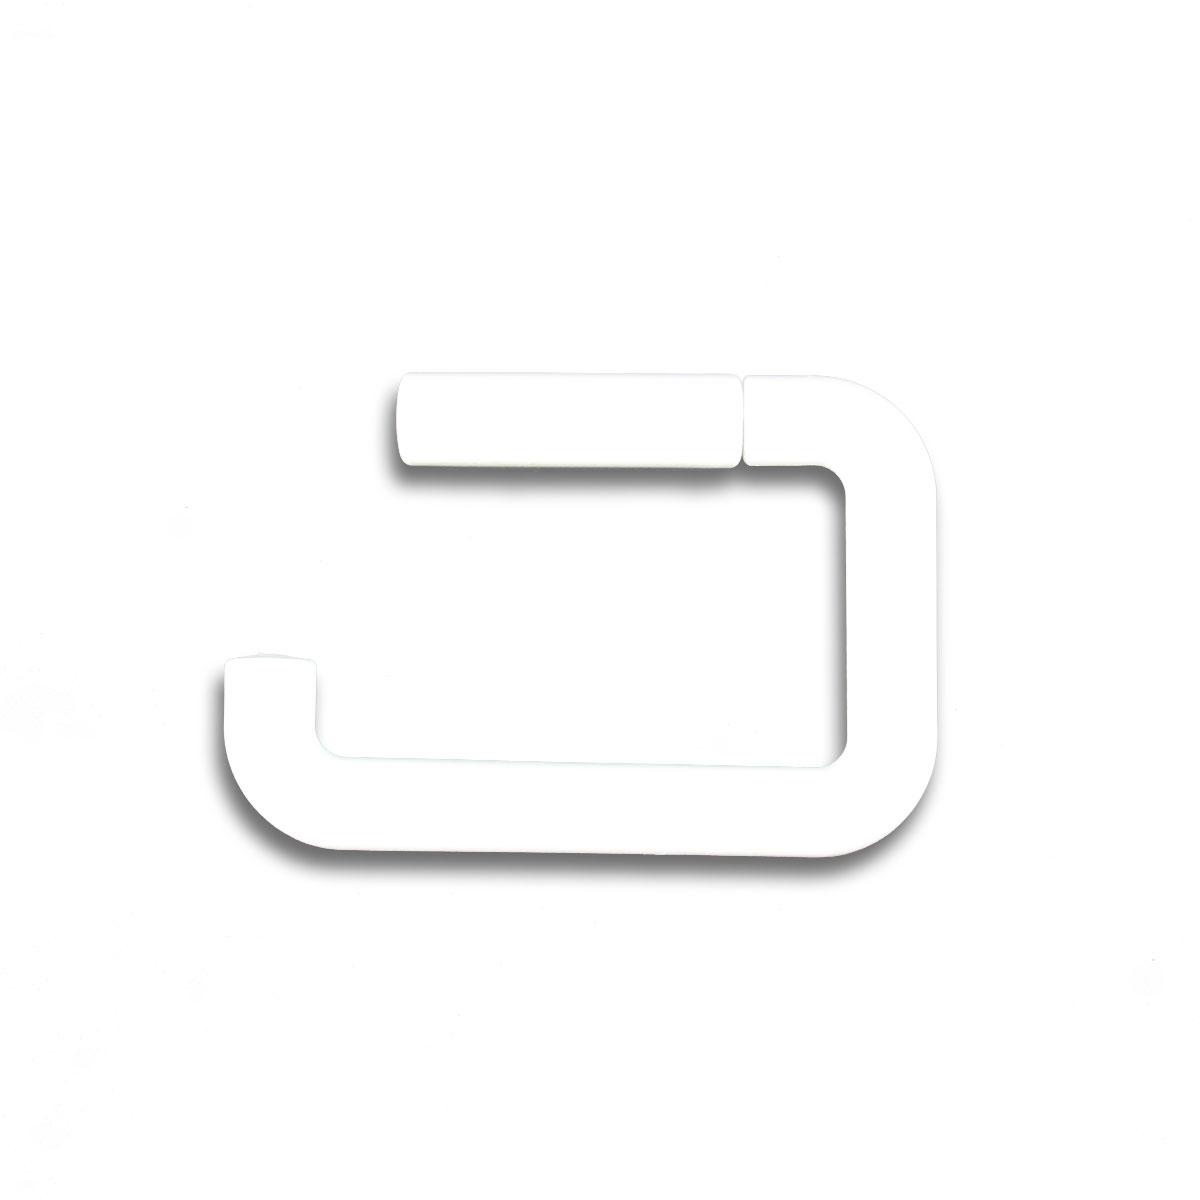 Wandmontierter Toilettenrollenhalter aus Kunststoff, weiß